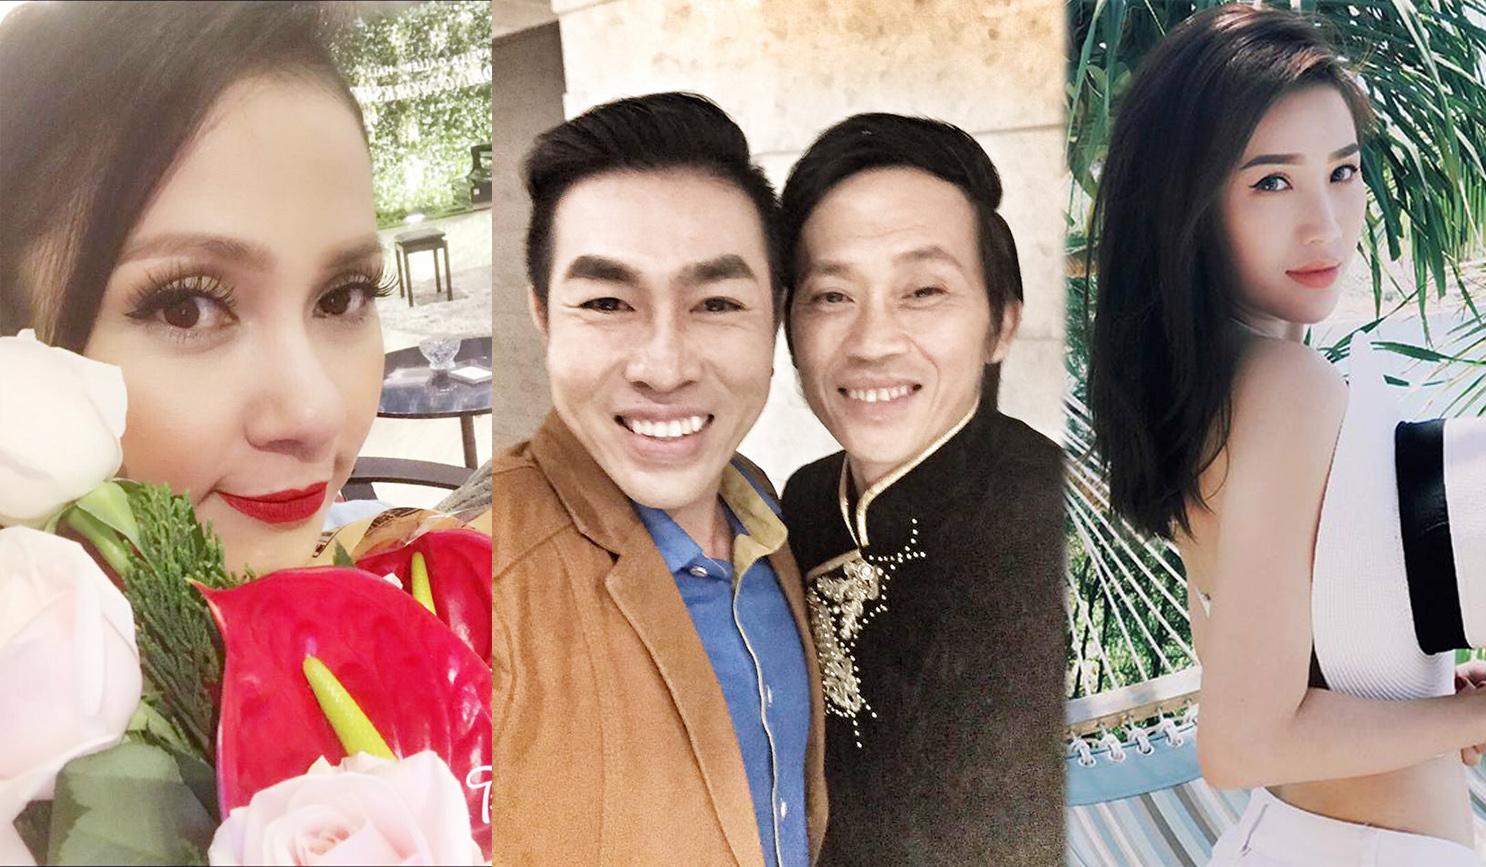 Ảnh đời thường qua Facebook của Sao Việt ngày 9/7